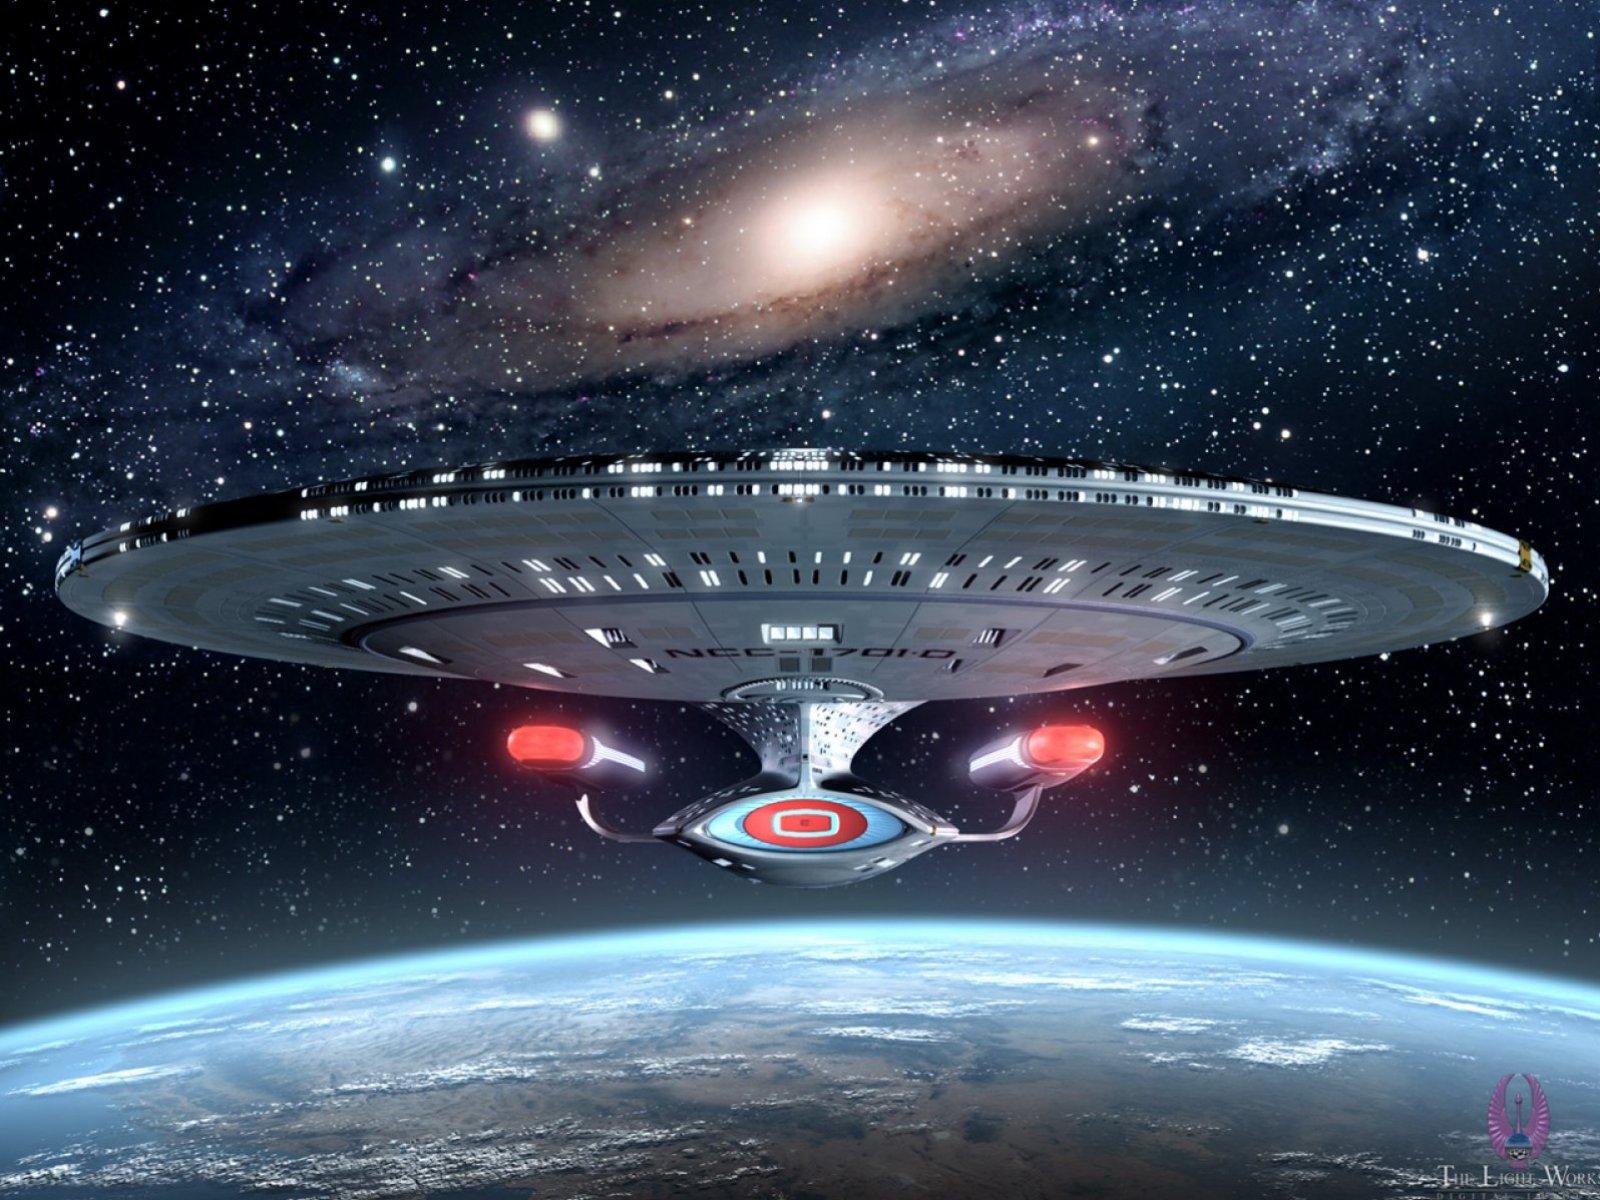 Star Trek Wallpaper 1080p High Definition HD Games Wallpaper 1600x1200